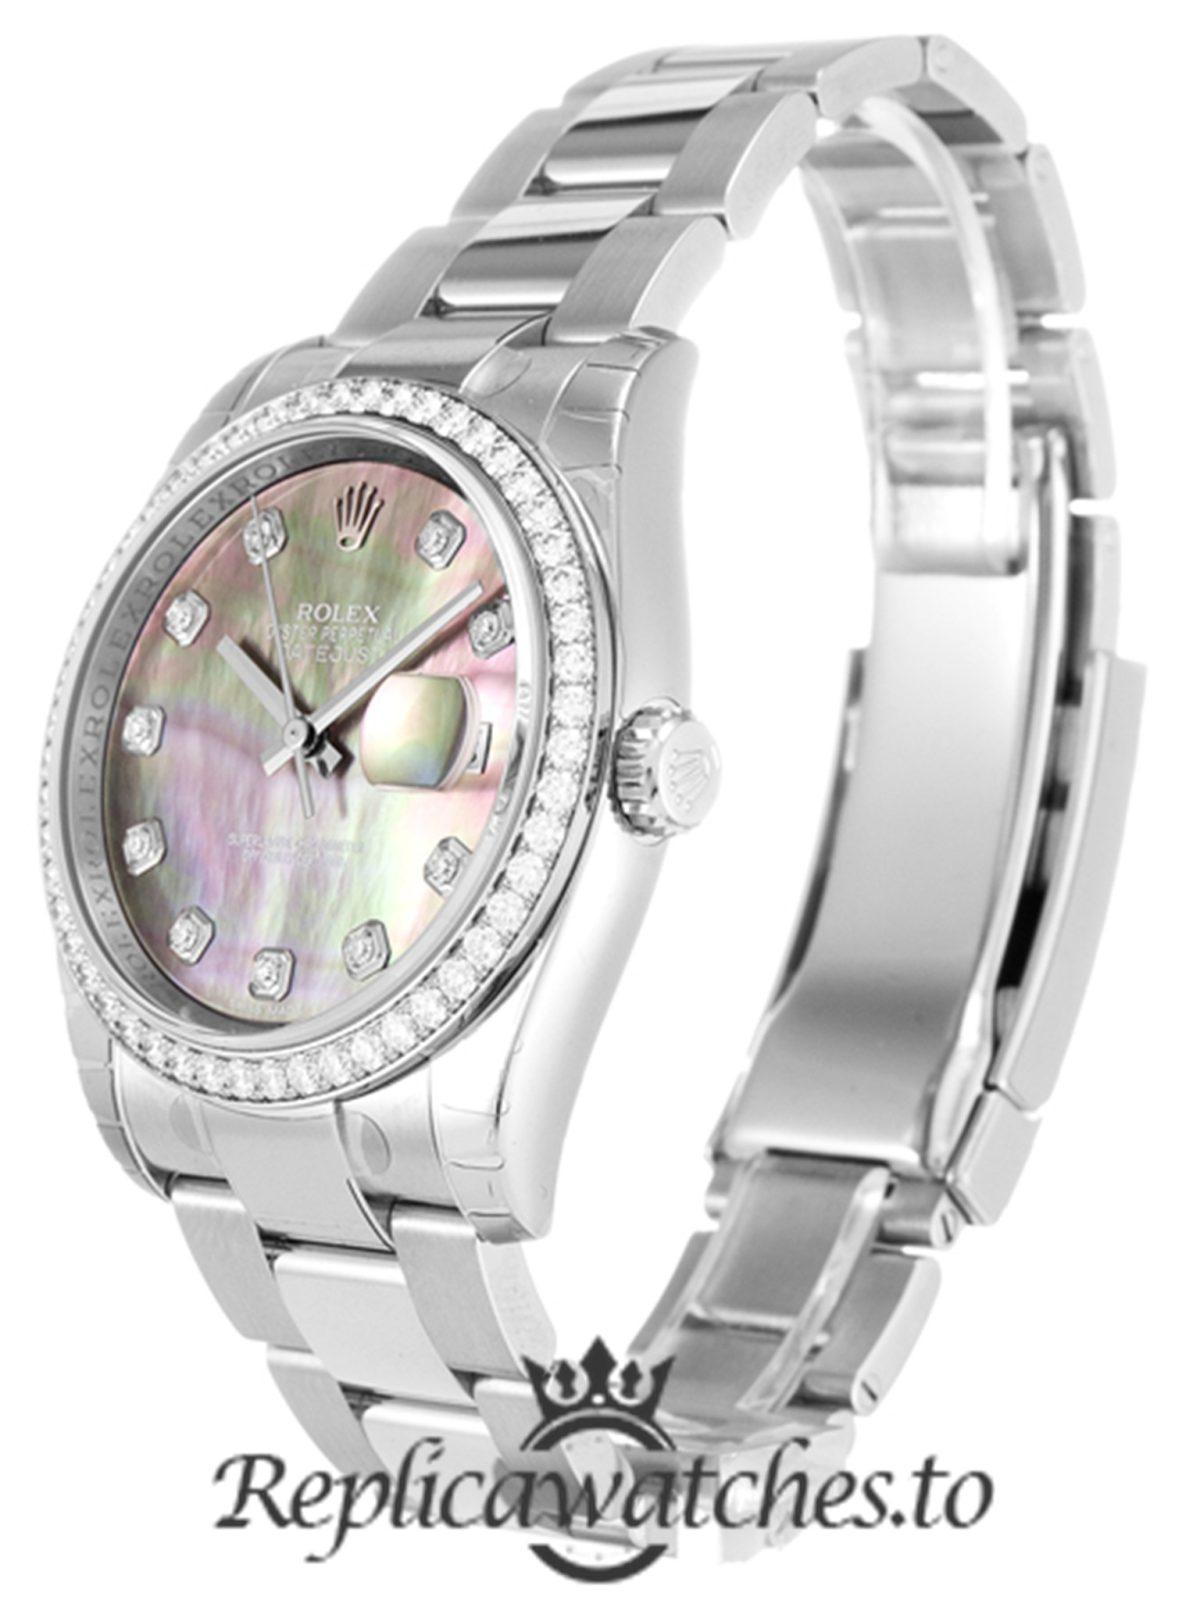 Rolex Datejust Replica 116244 001 Silver Strap 36MM